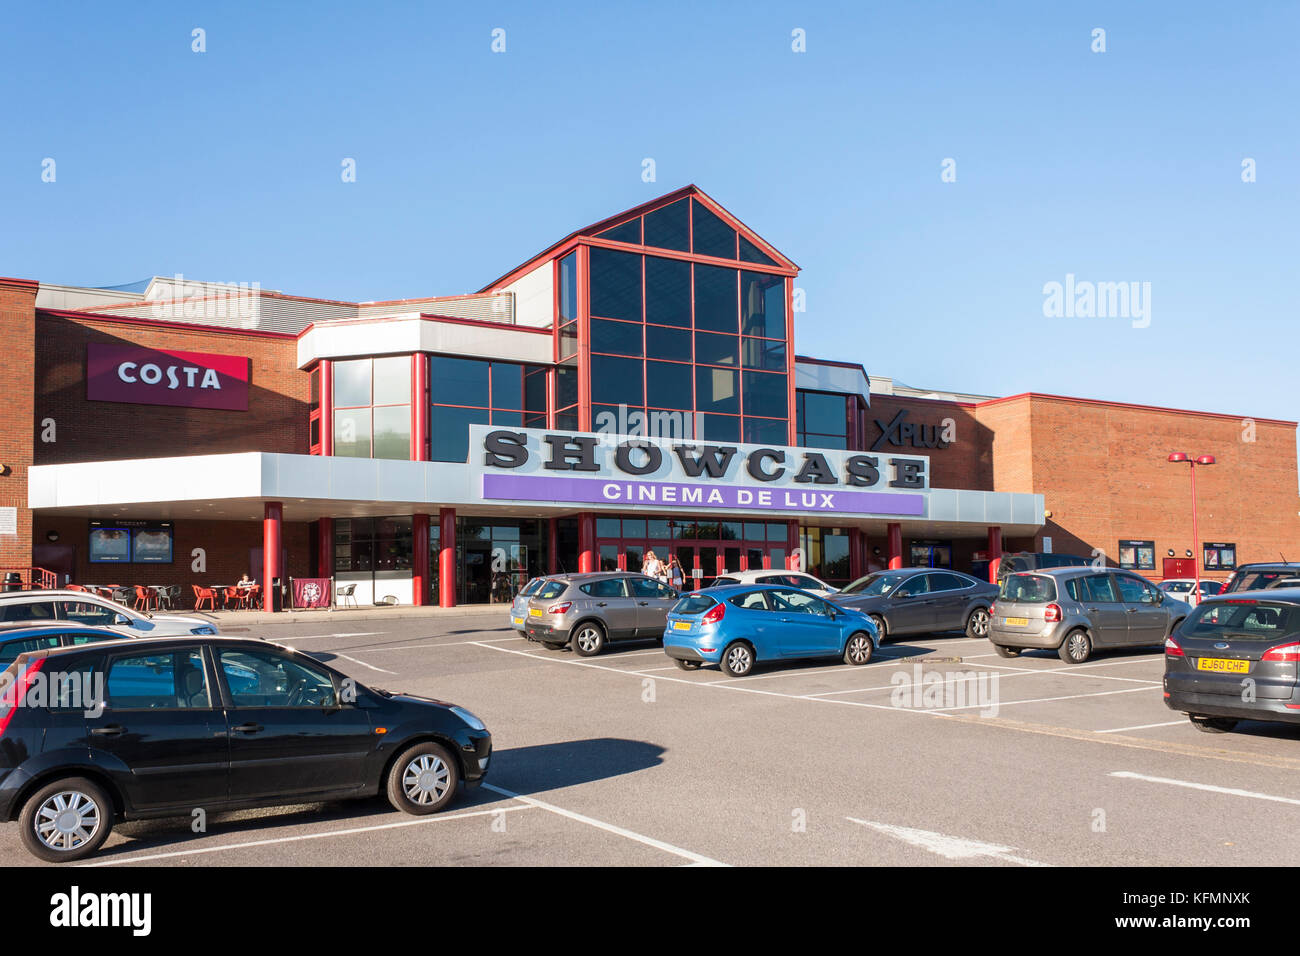 Showcase Cinema, Reading, Berkshire, England, GB, UK - Stock Image